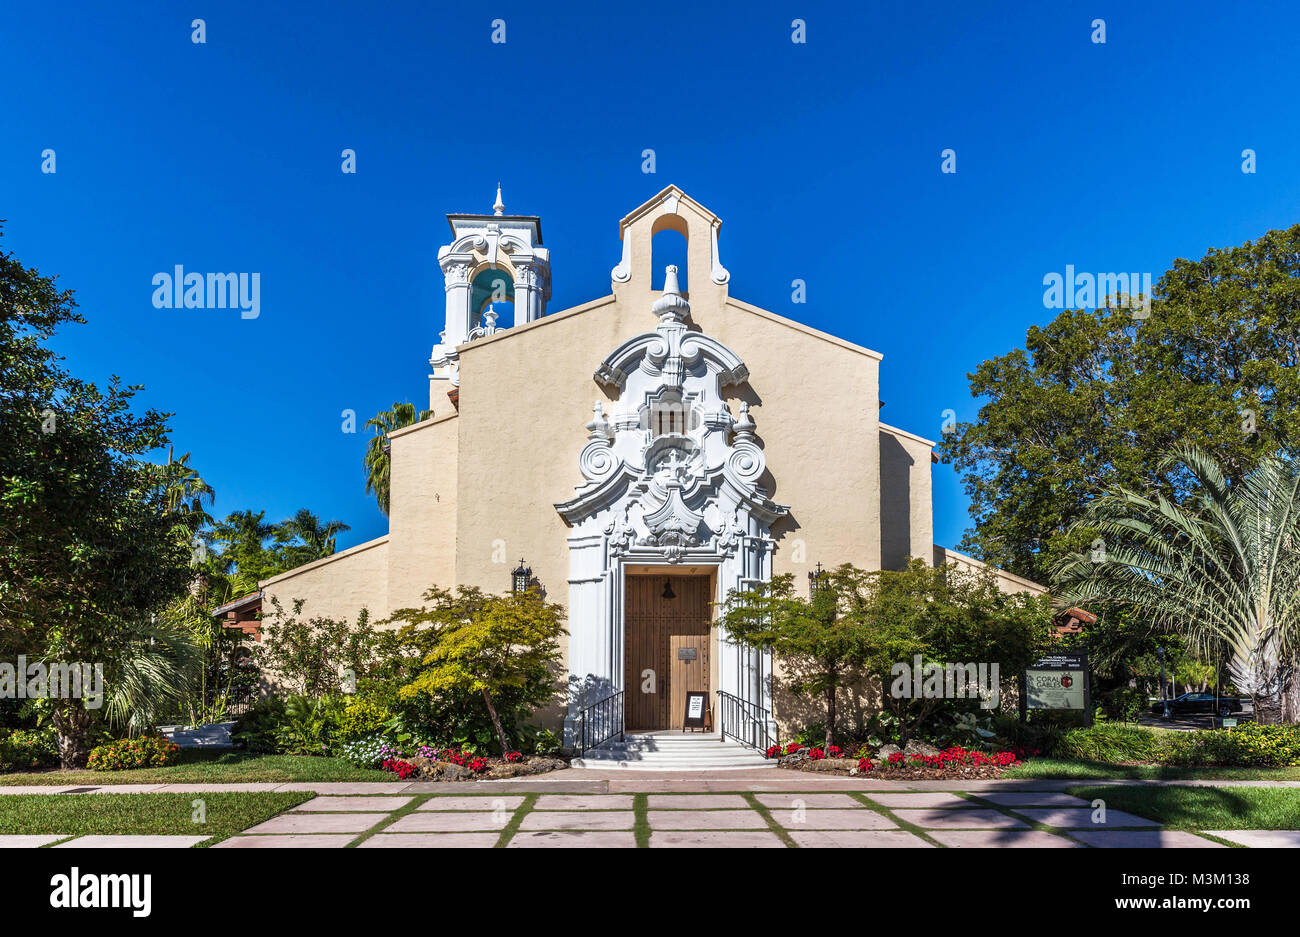 Coral Gables Congregational Church, Miami-Dade County, Florida, USA. Stock Photo